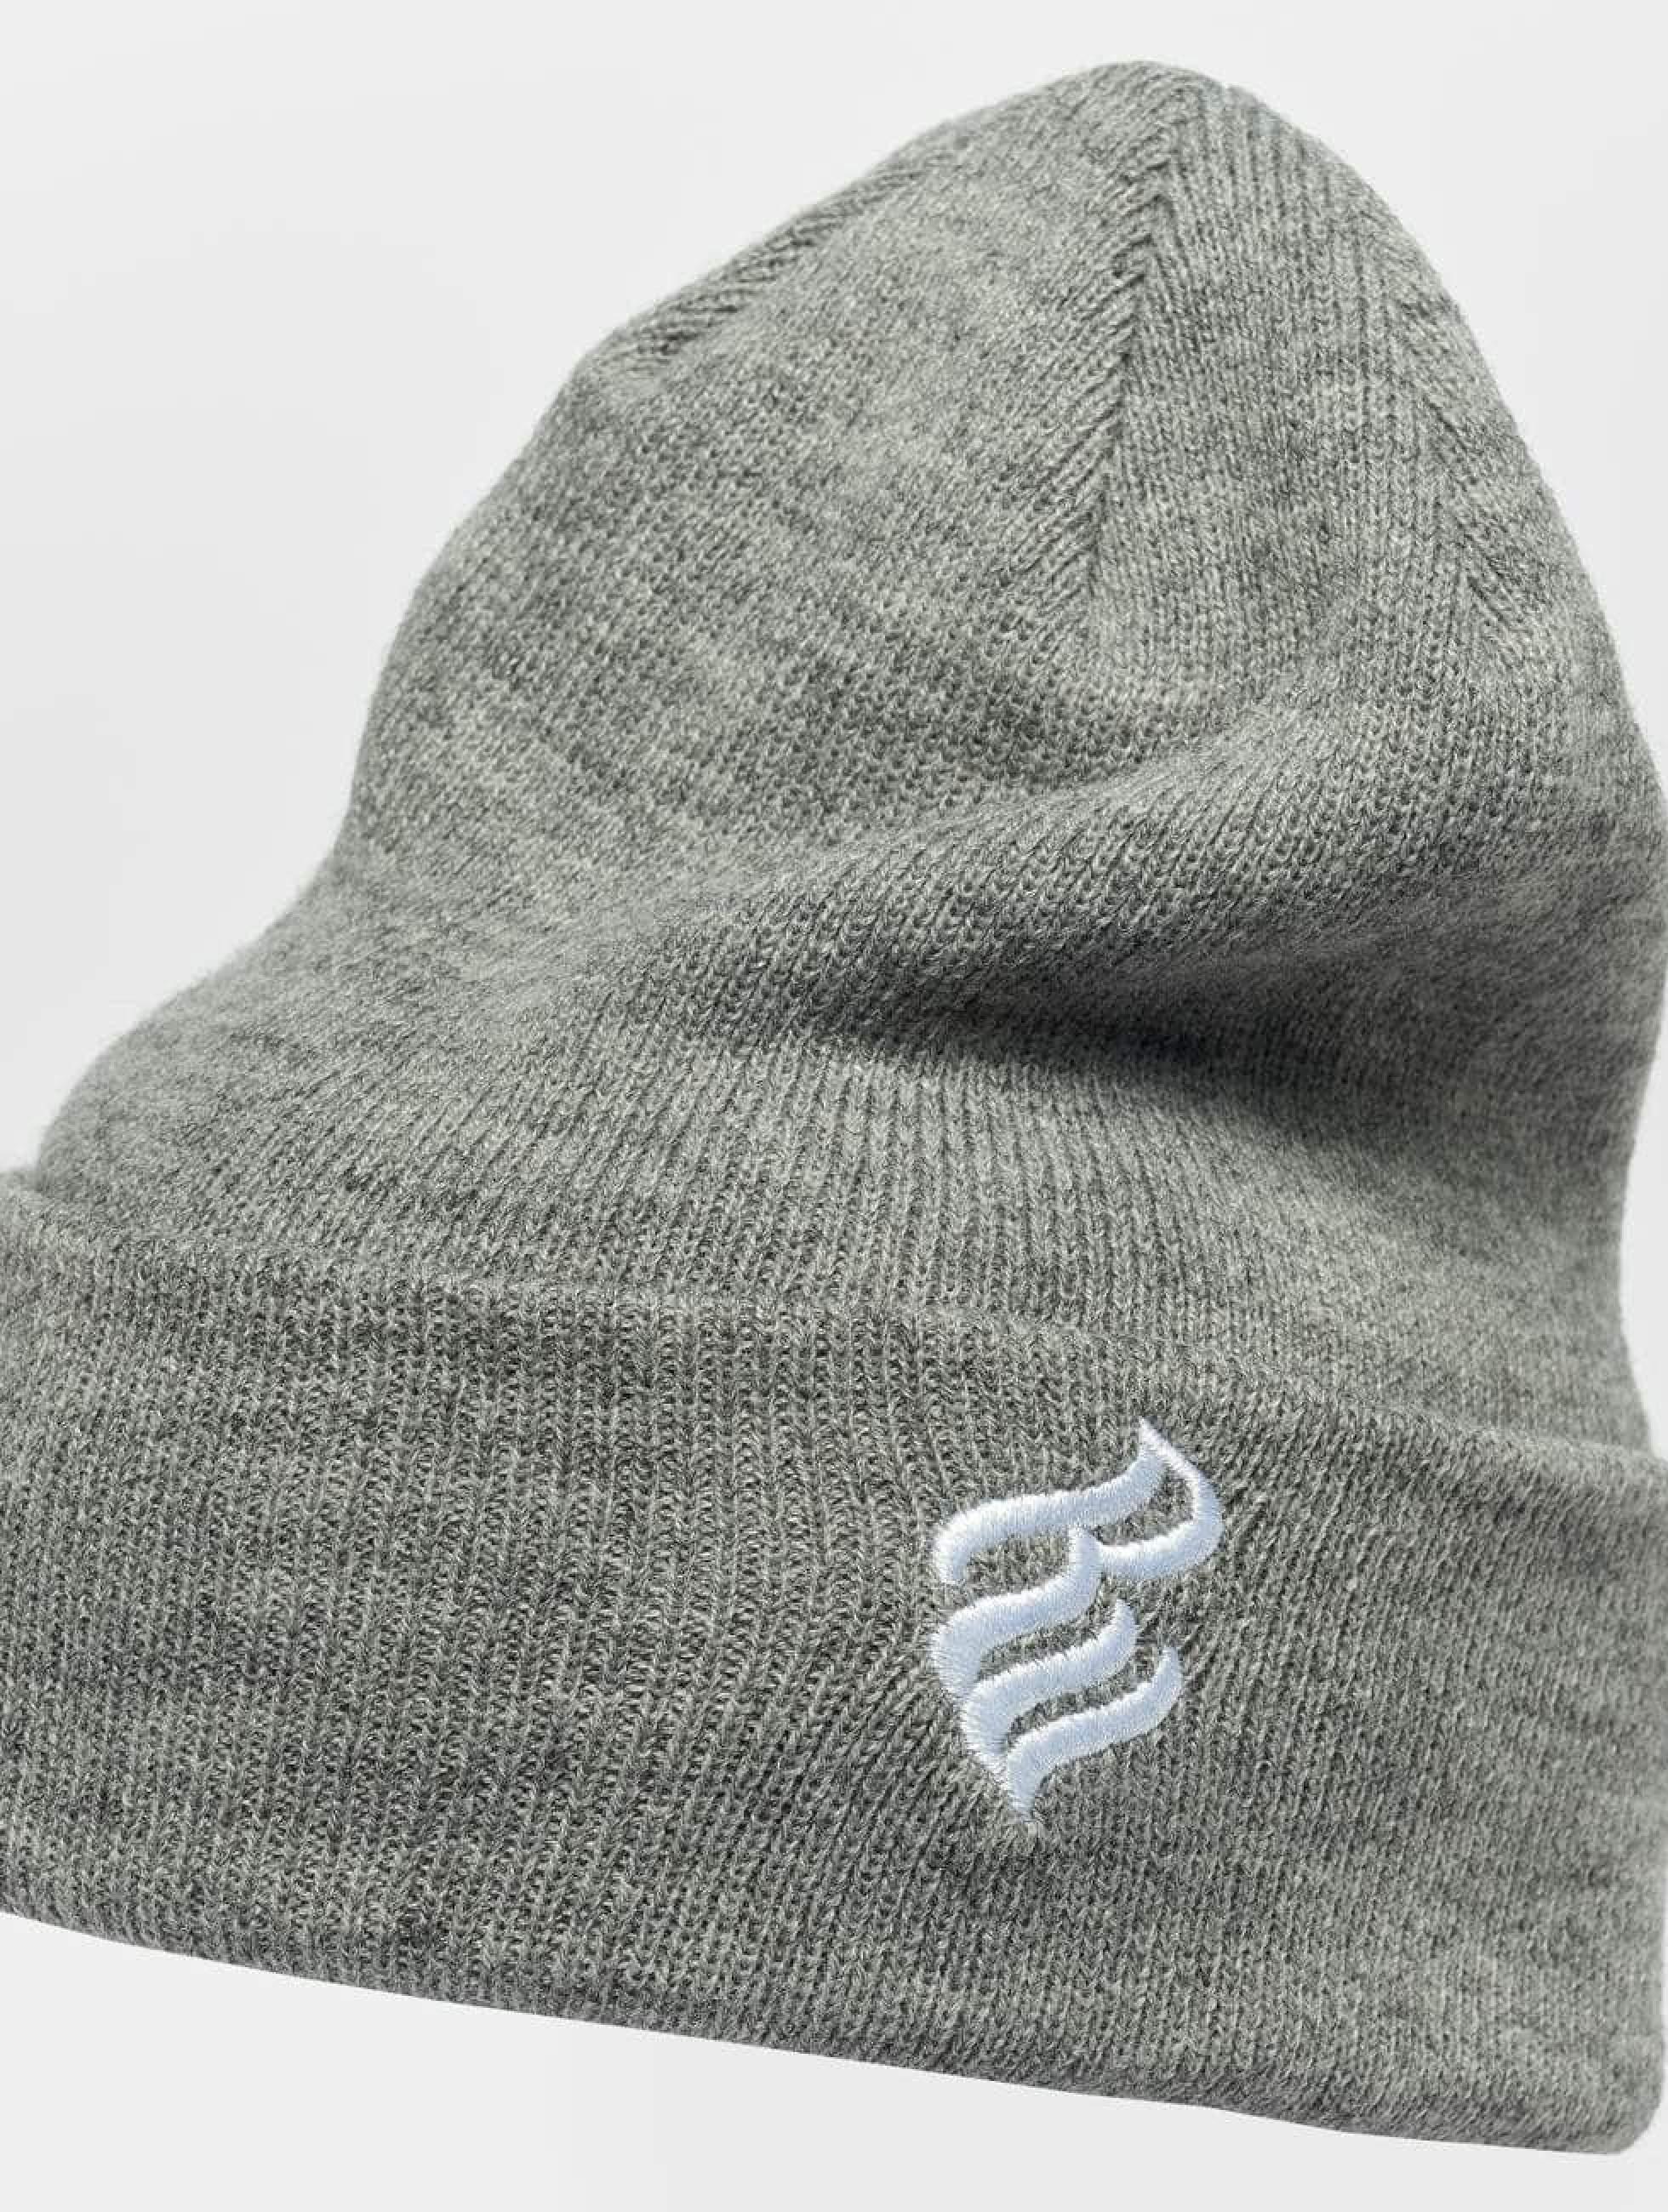 Rocawear / Beanie Logo in grey One Size